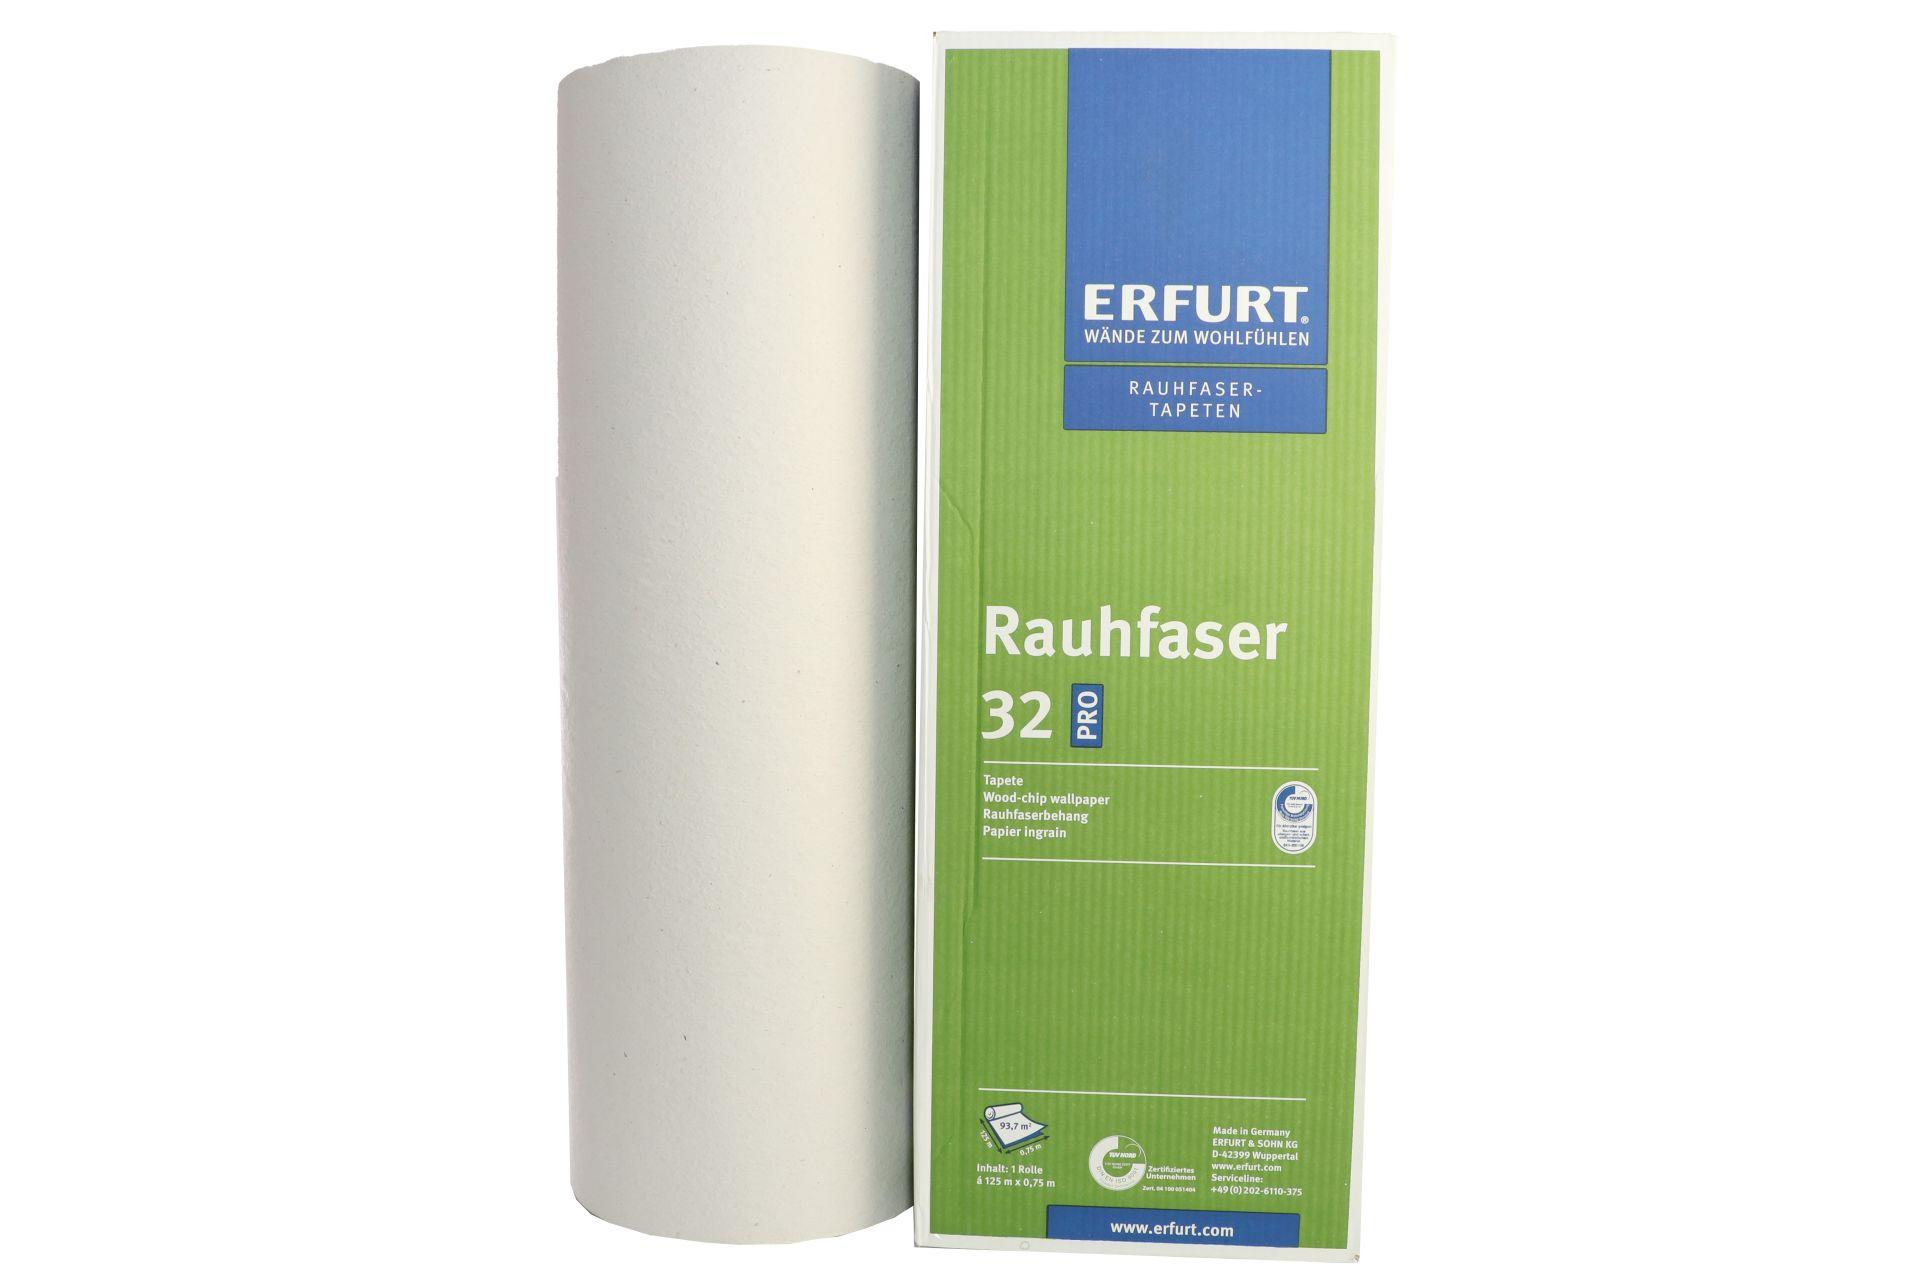 Erfurt Rauhfaser 32 Pro Tapete, 125 x 0,75 m, ausreichend für 93,75 m², 1 Großrolle